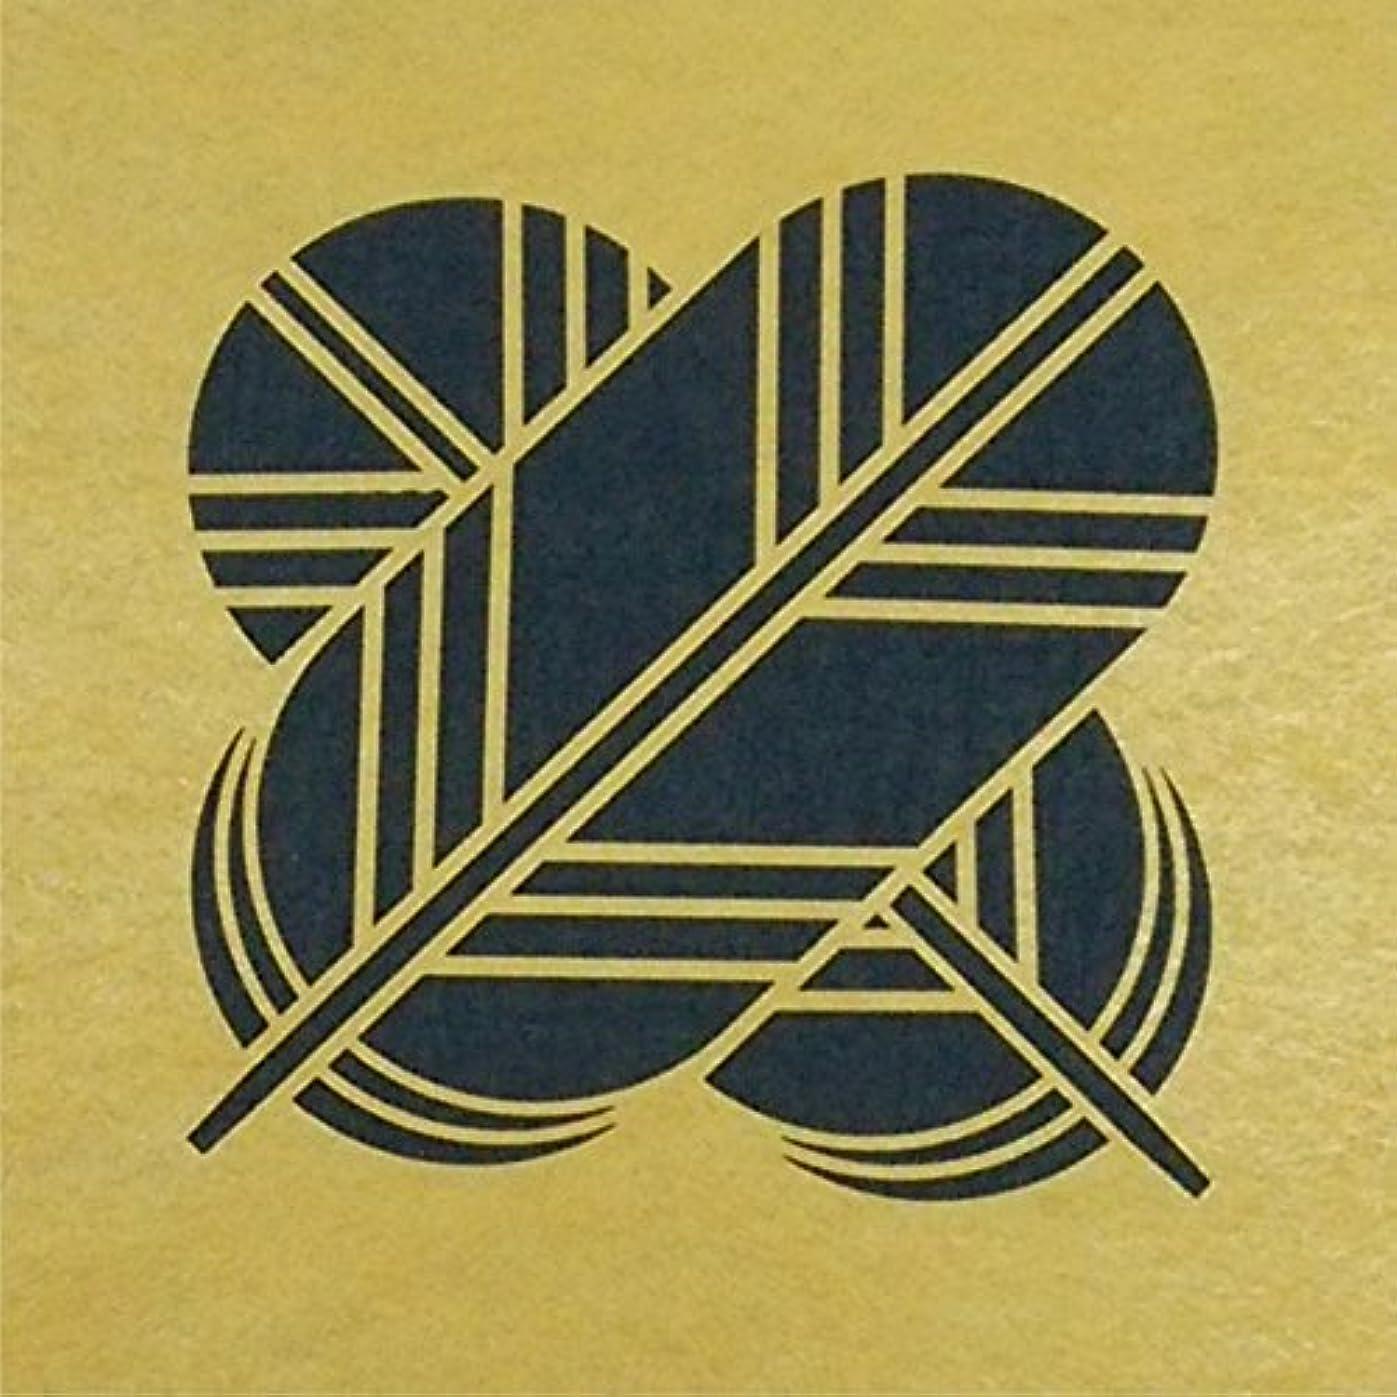 会話型契約した和ステンシルシート 違イ鷹ノ羽 家紋 3サイズ型紙  (30cm)